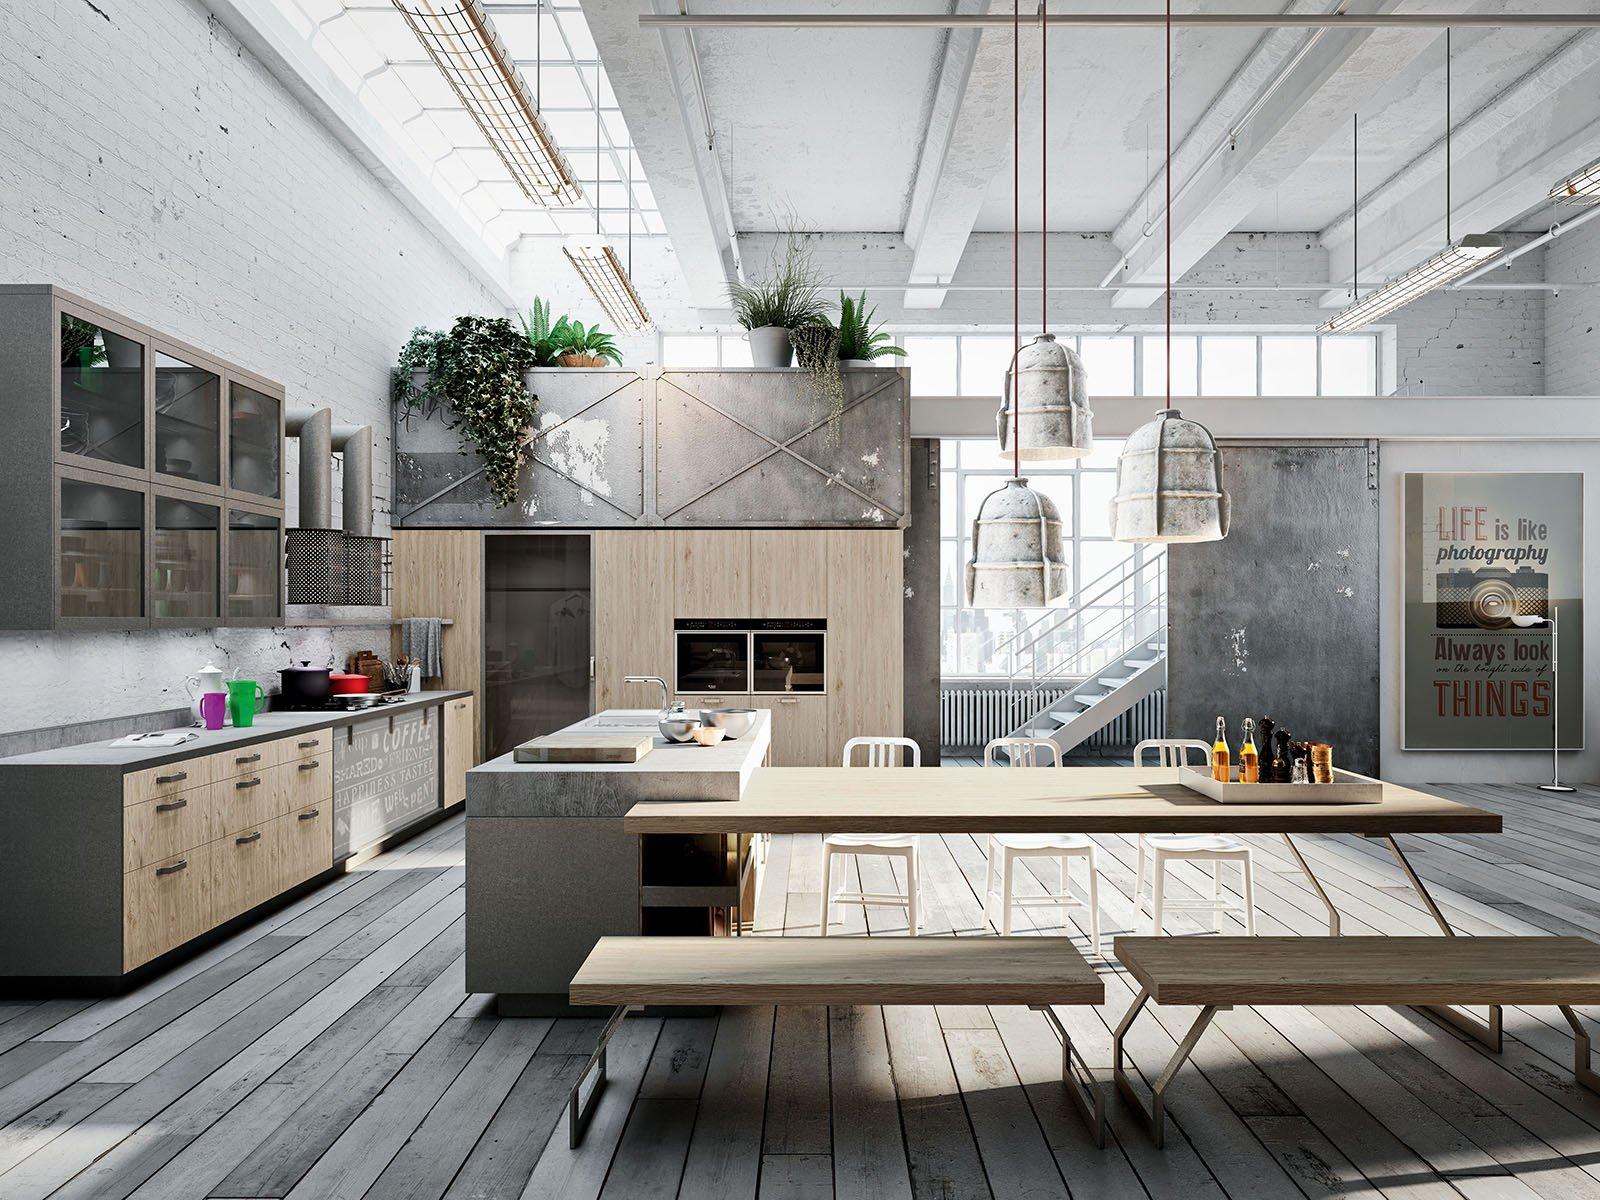 Arredare La Cucina. Tavolo Compreso Cose Di Casa #5B4E41 1600 1200 Arredare Cucina Moderna